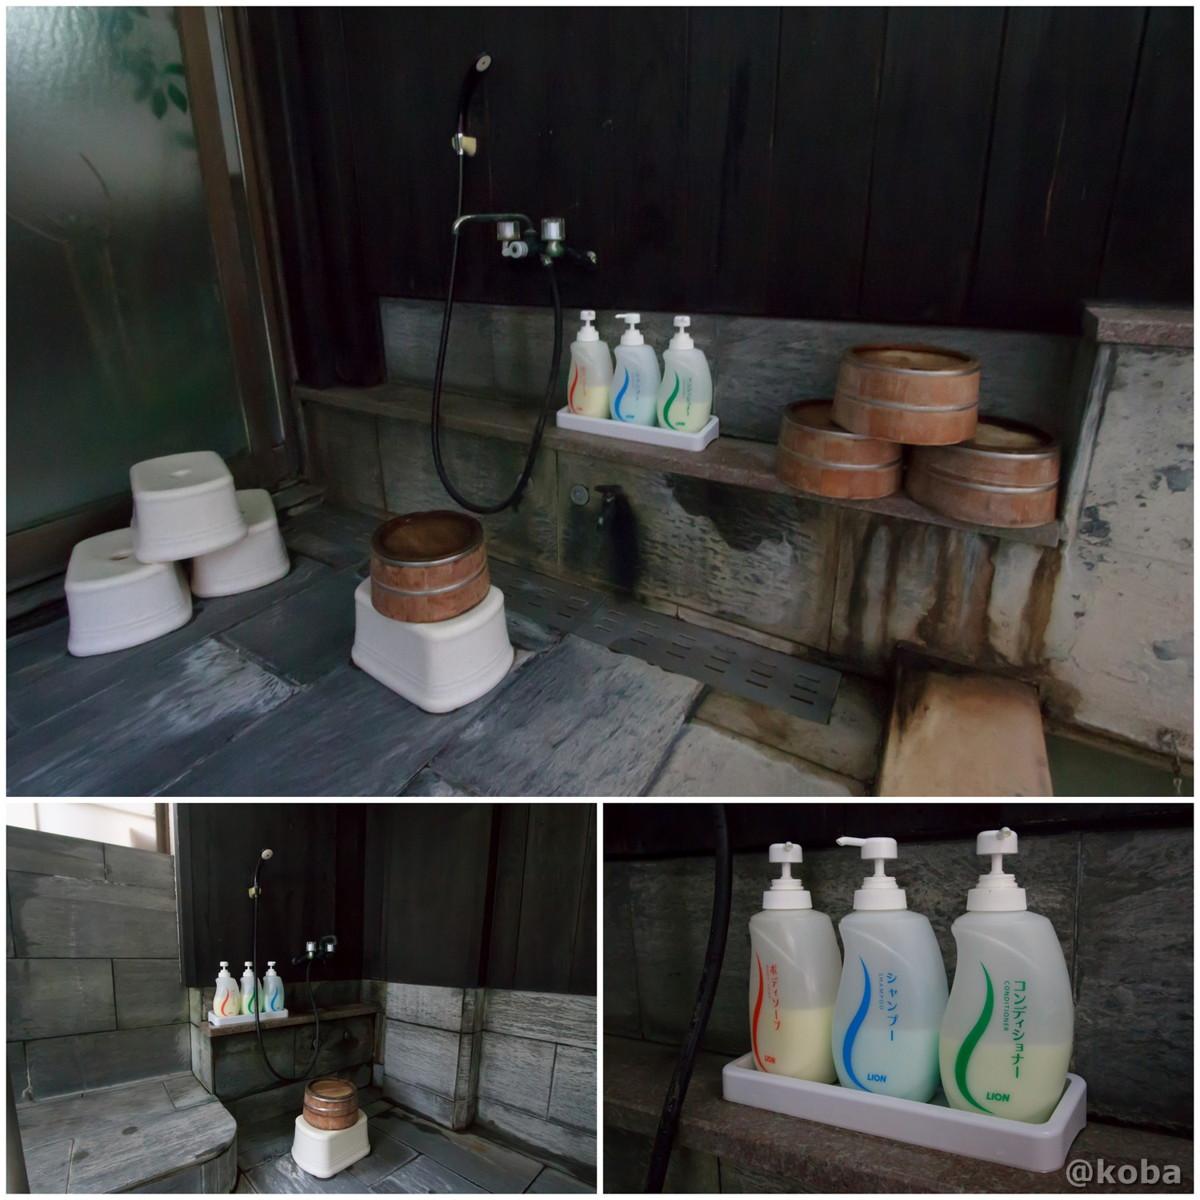 洗い場の写真 燕温泉 樺太館(つばめおんせん からふとかん)新潟県 妙高市